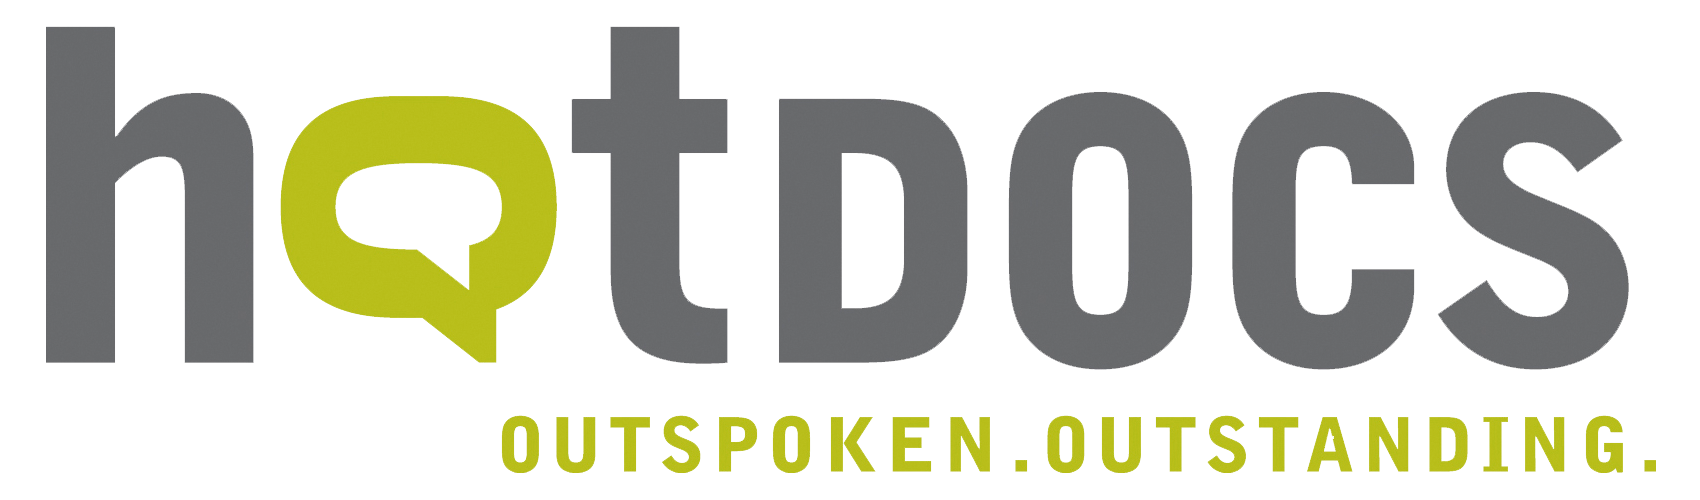 hotdocs_logo